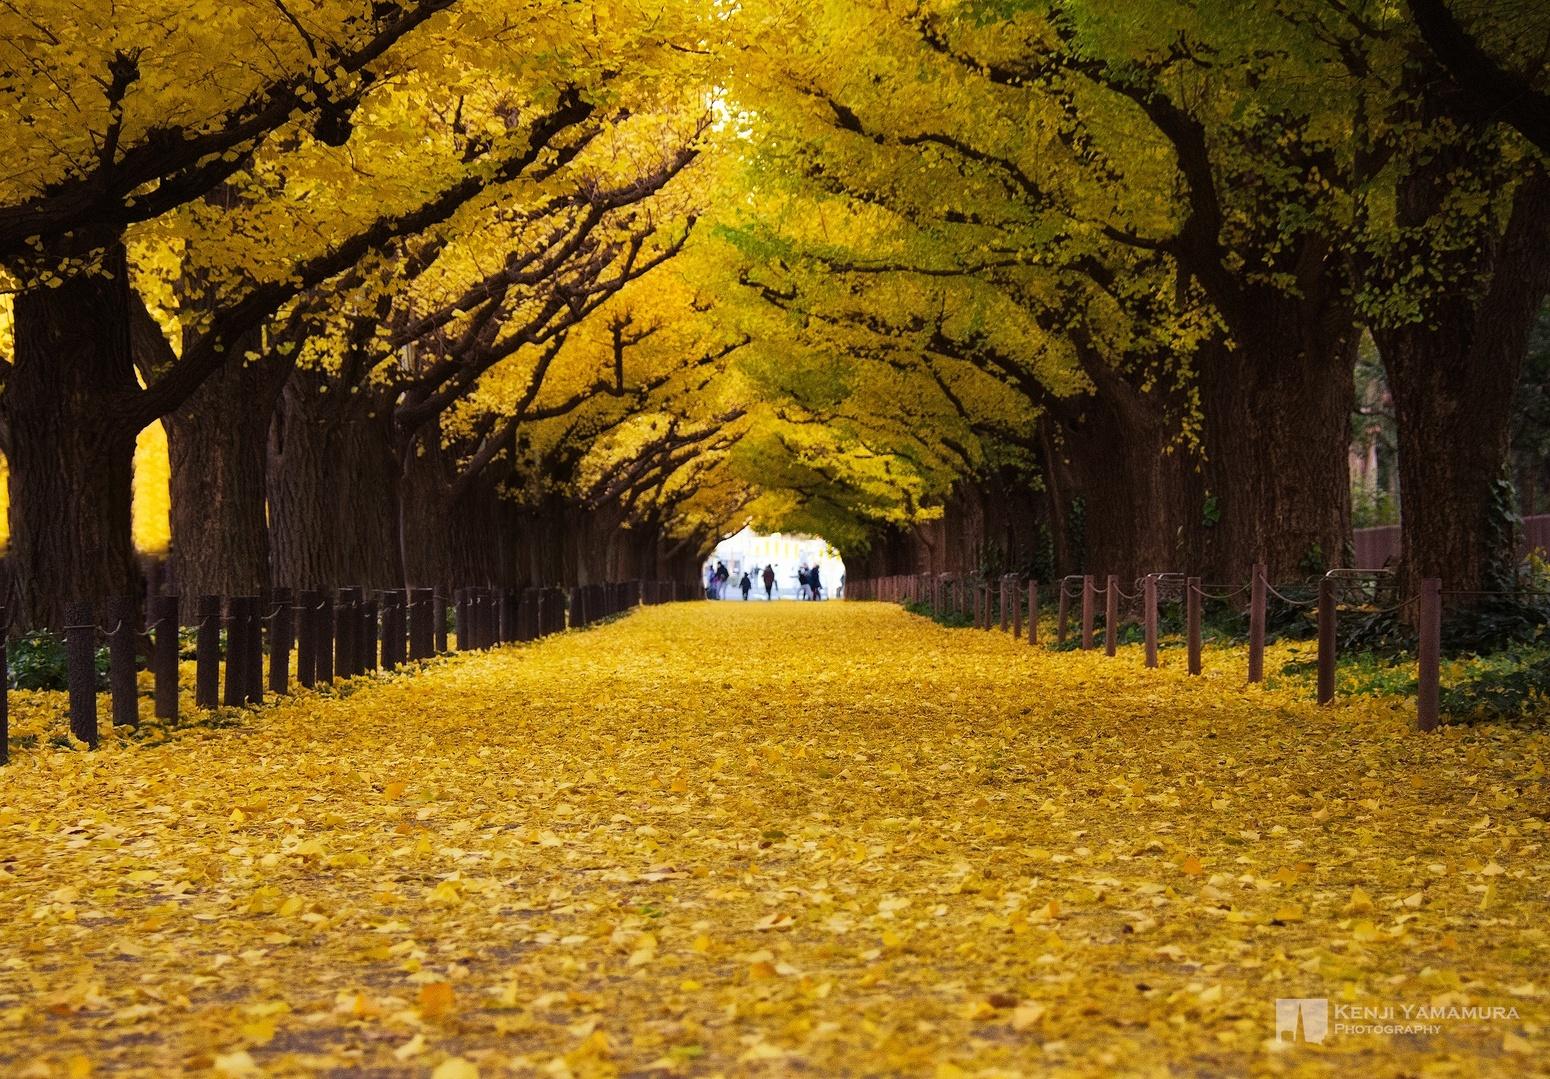 10 เเหล่งชิคสำหรับชมใบไม้เปลี่ยนสีในญี่ปุ่น -ถนนไกเอนมาเอะ